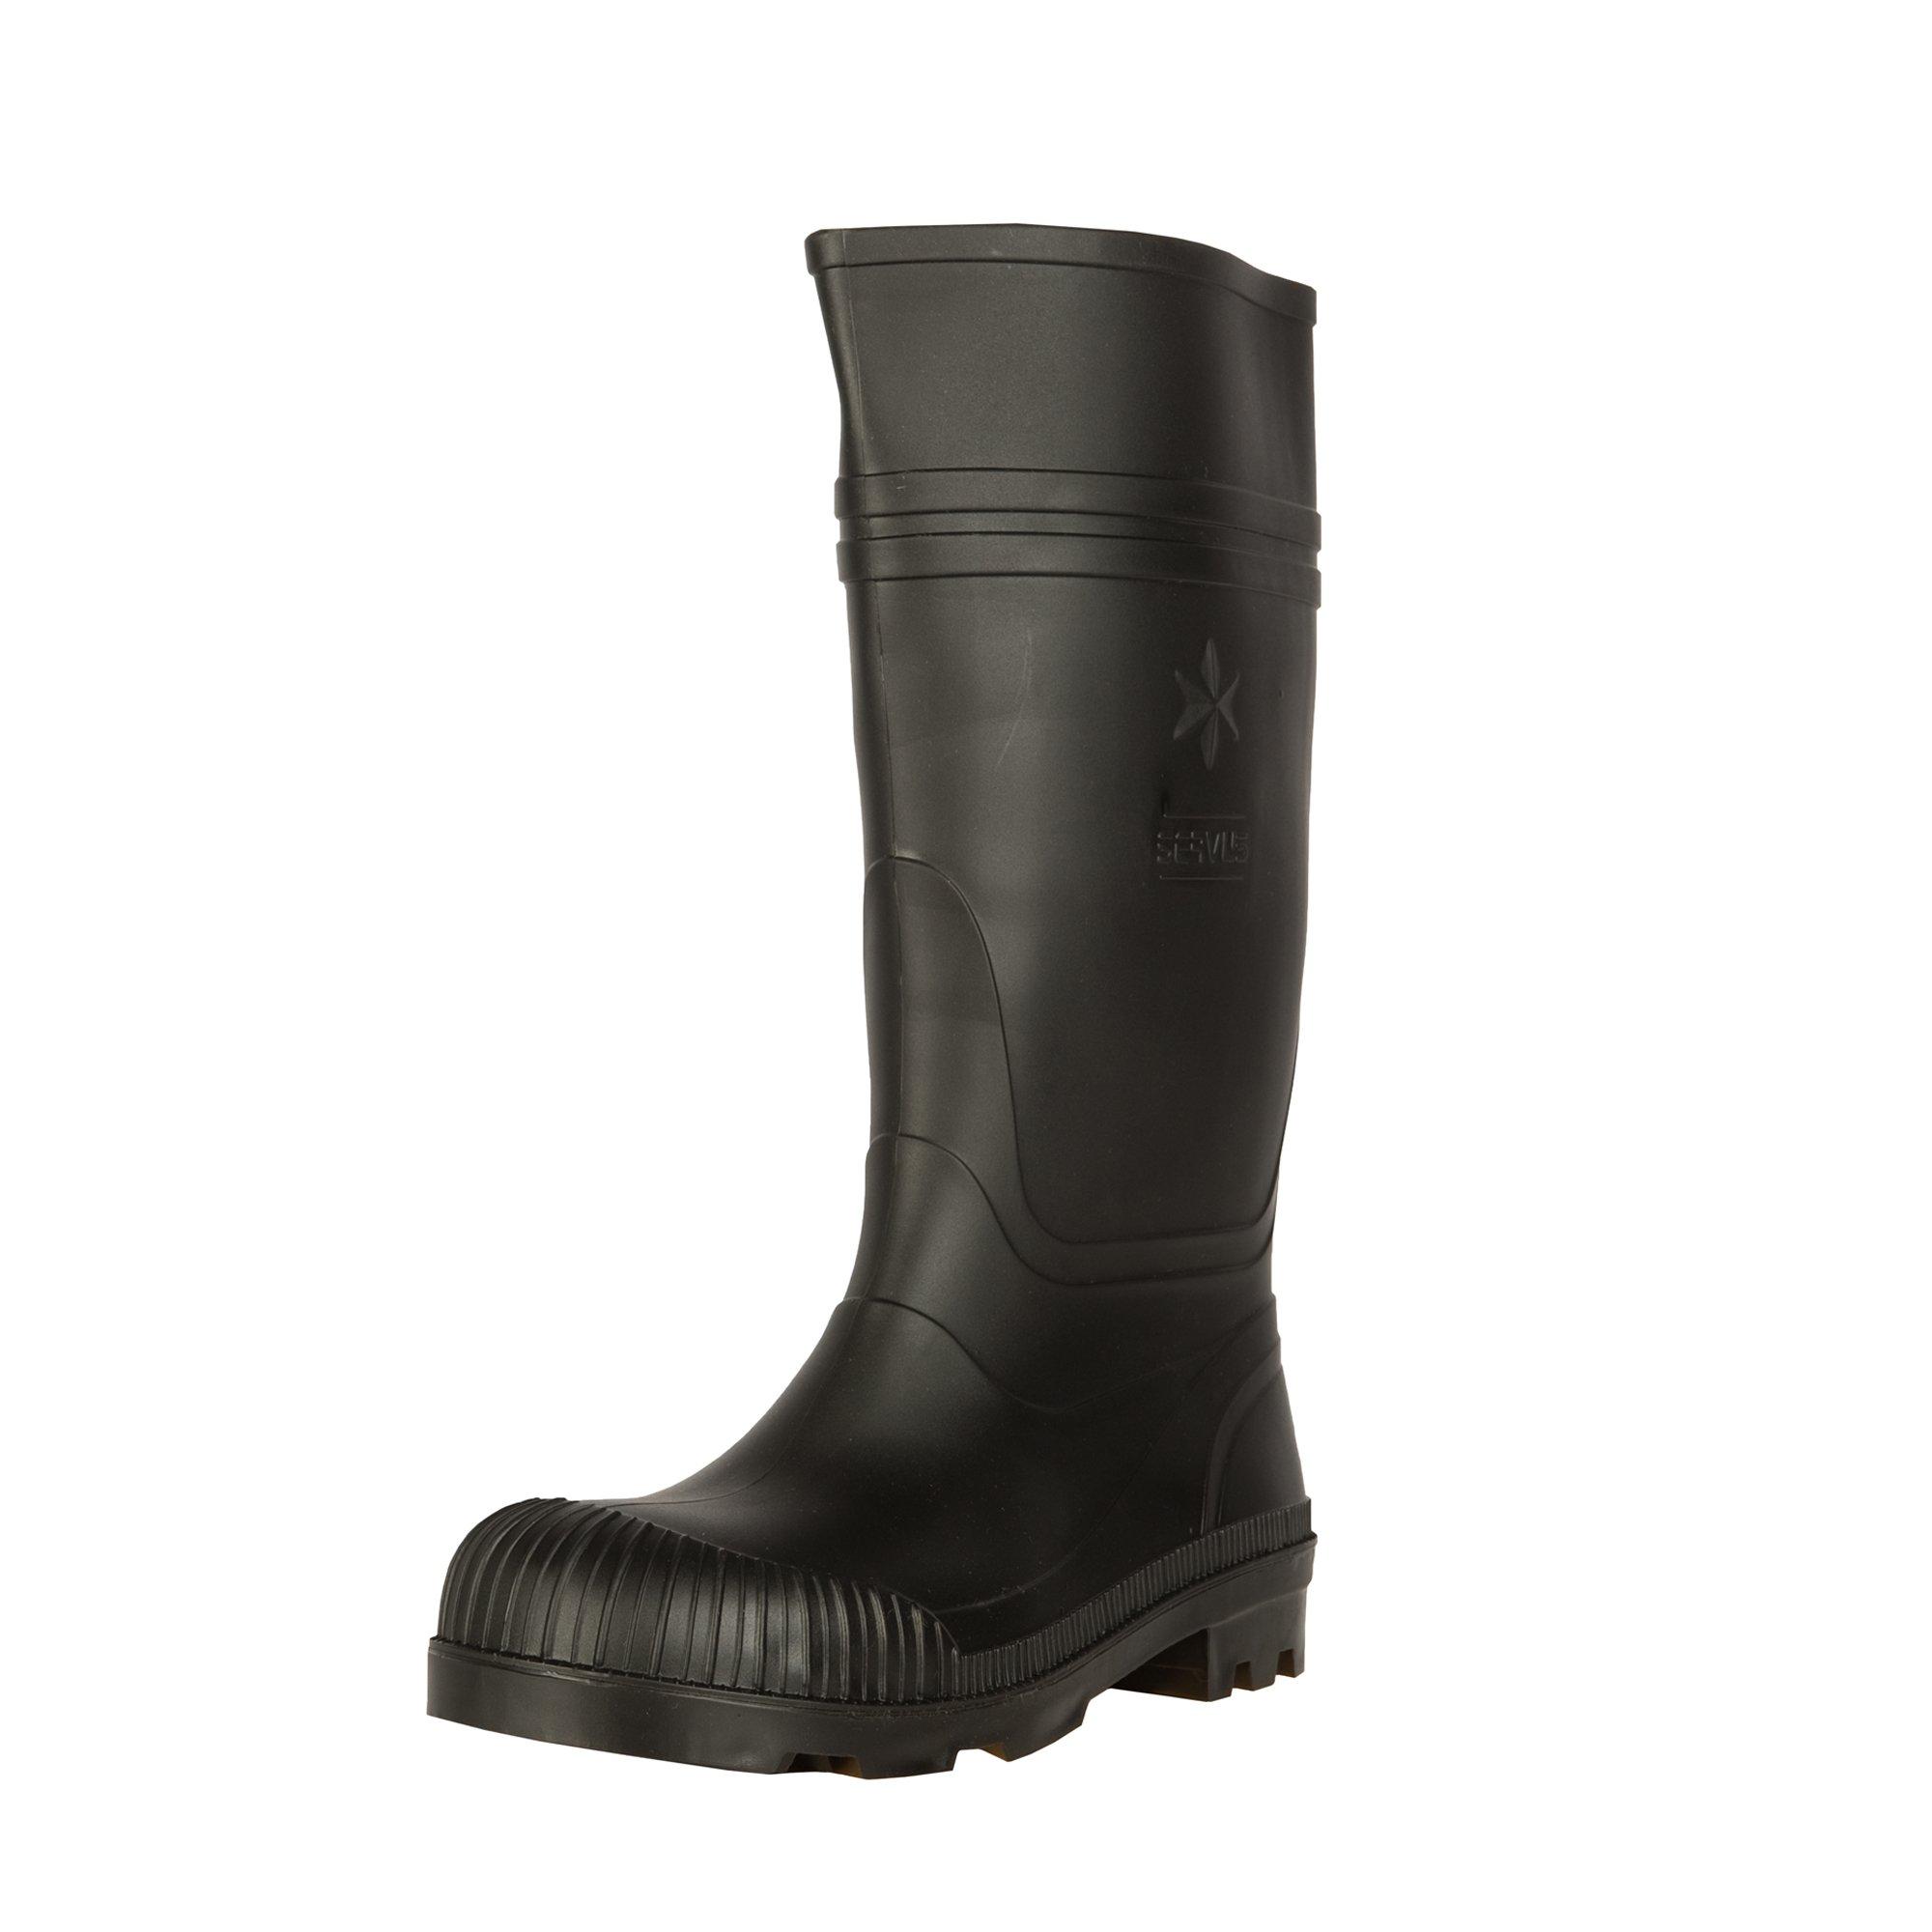 Servus 14'' Waterproof Men's Work Boots, Black (37872)